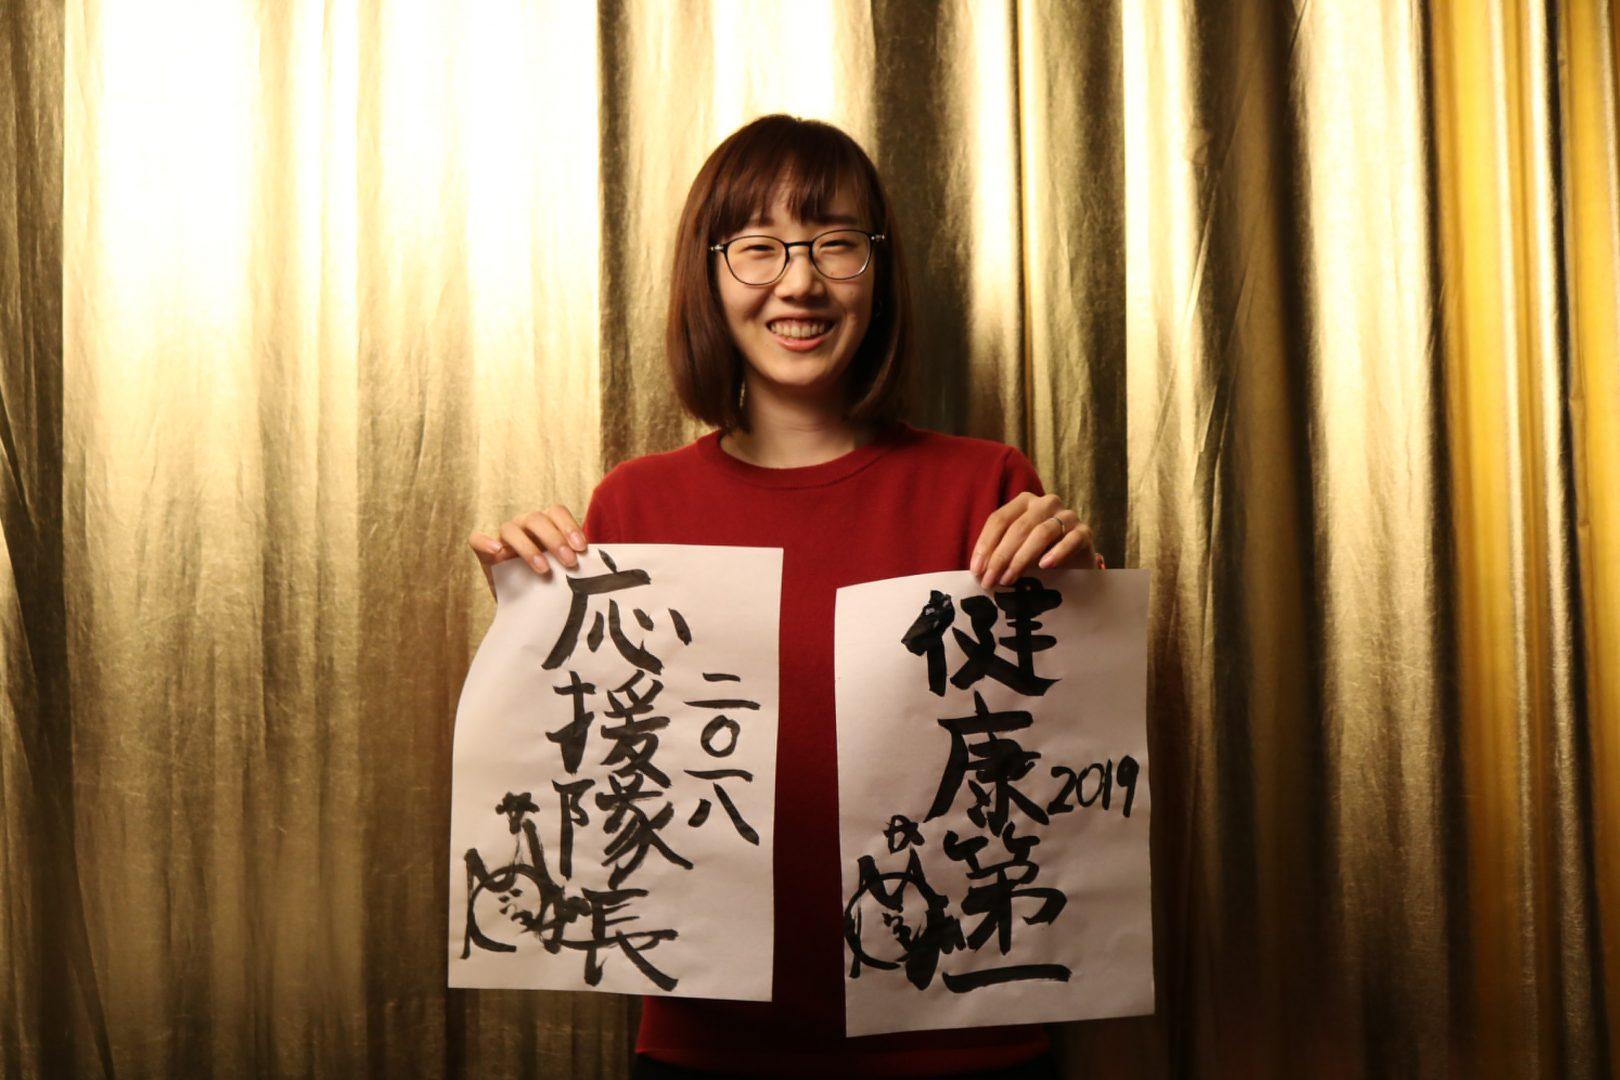 <卓球×書き初め2019 #6>大矢未早希(サンリツ)が選ぶ今年のキーフレーズ